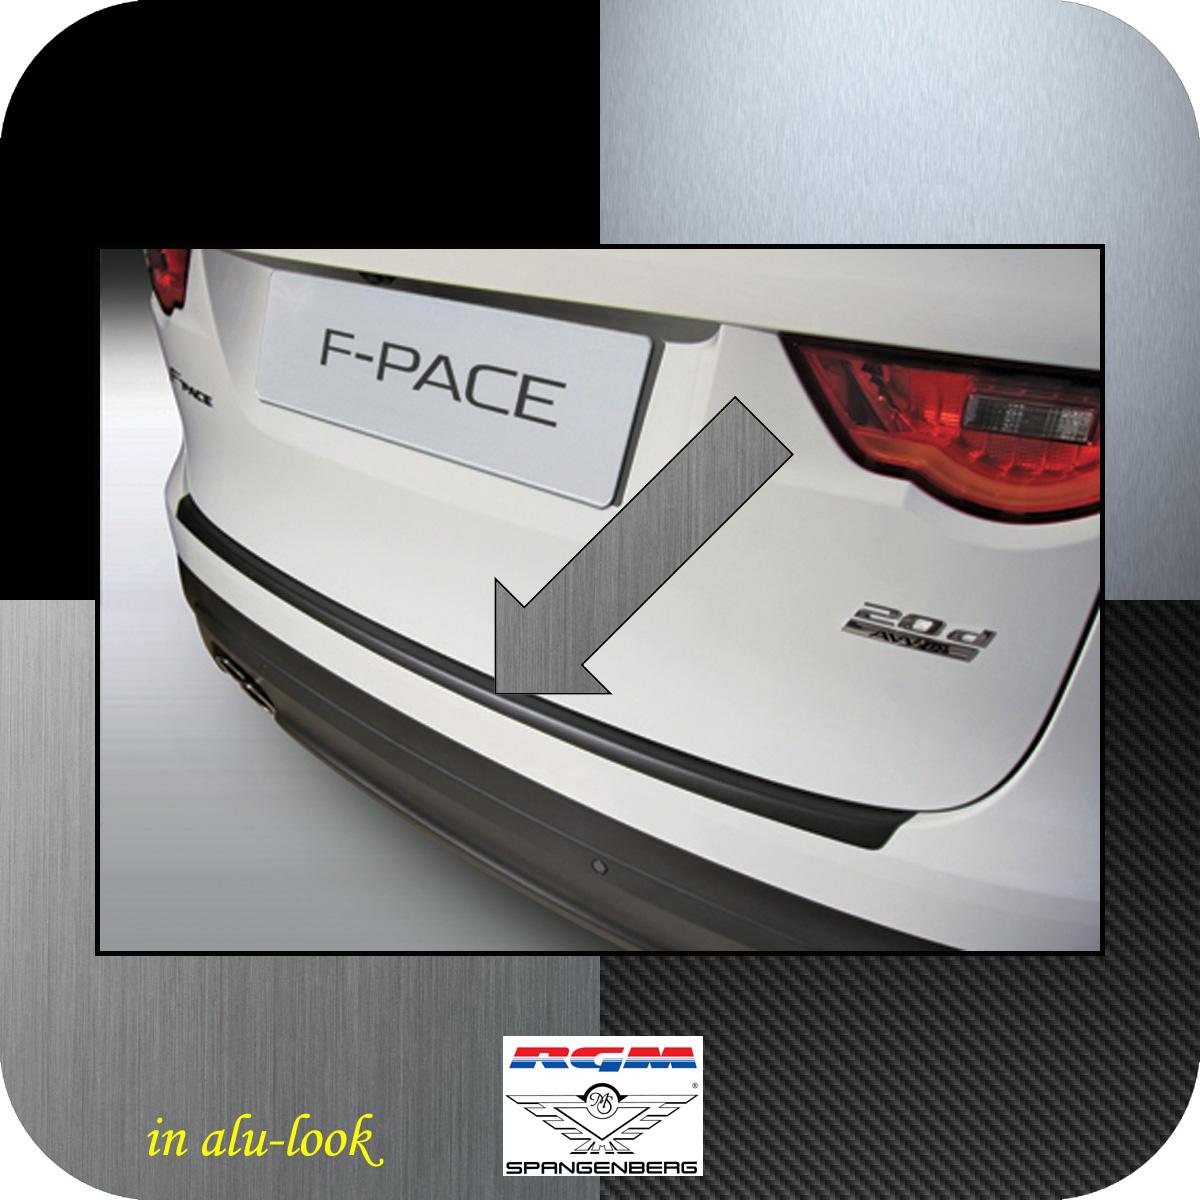 Ladekantenschutz Alu-Look Jaguar F-Pace SUV Kombi ab Baujahr 2015- 3504942